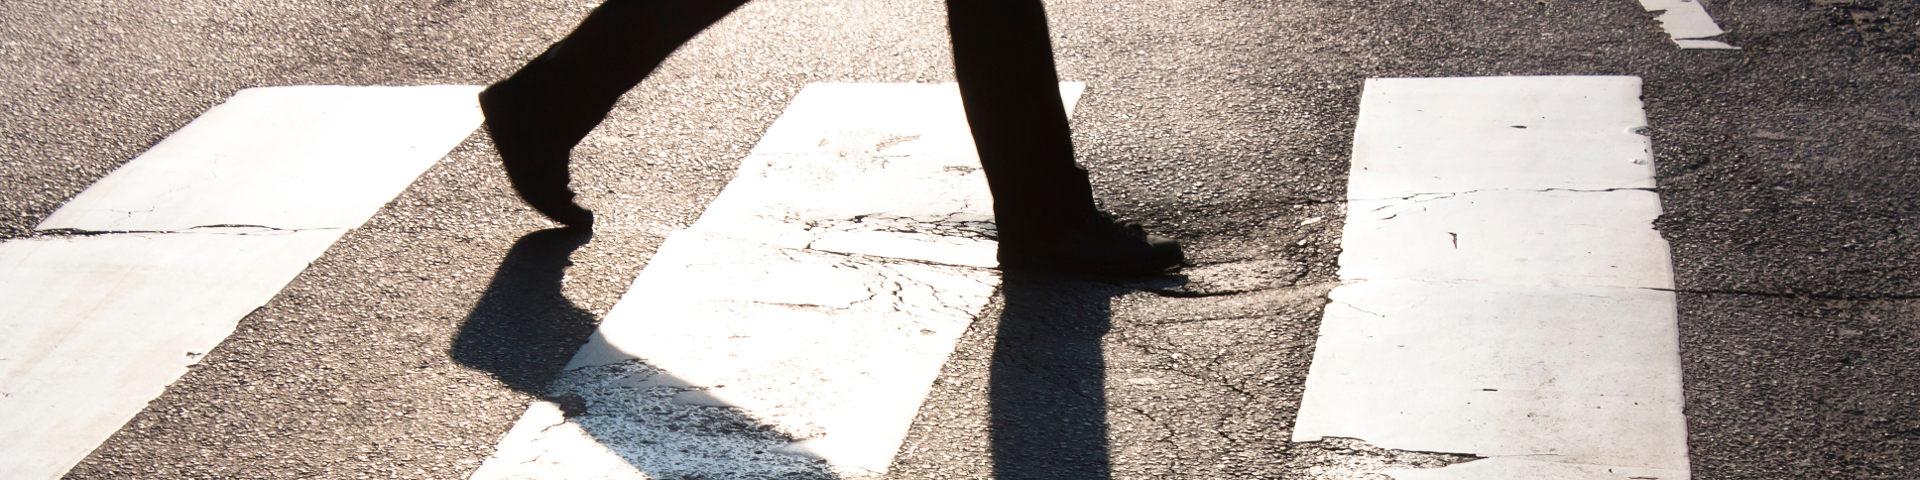 Profil einer Person wirft Schatten